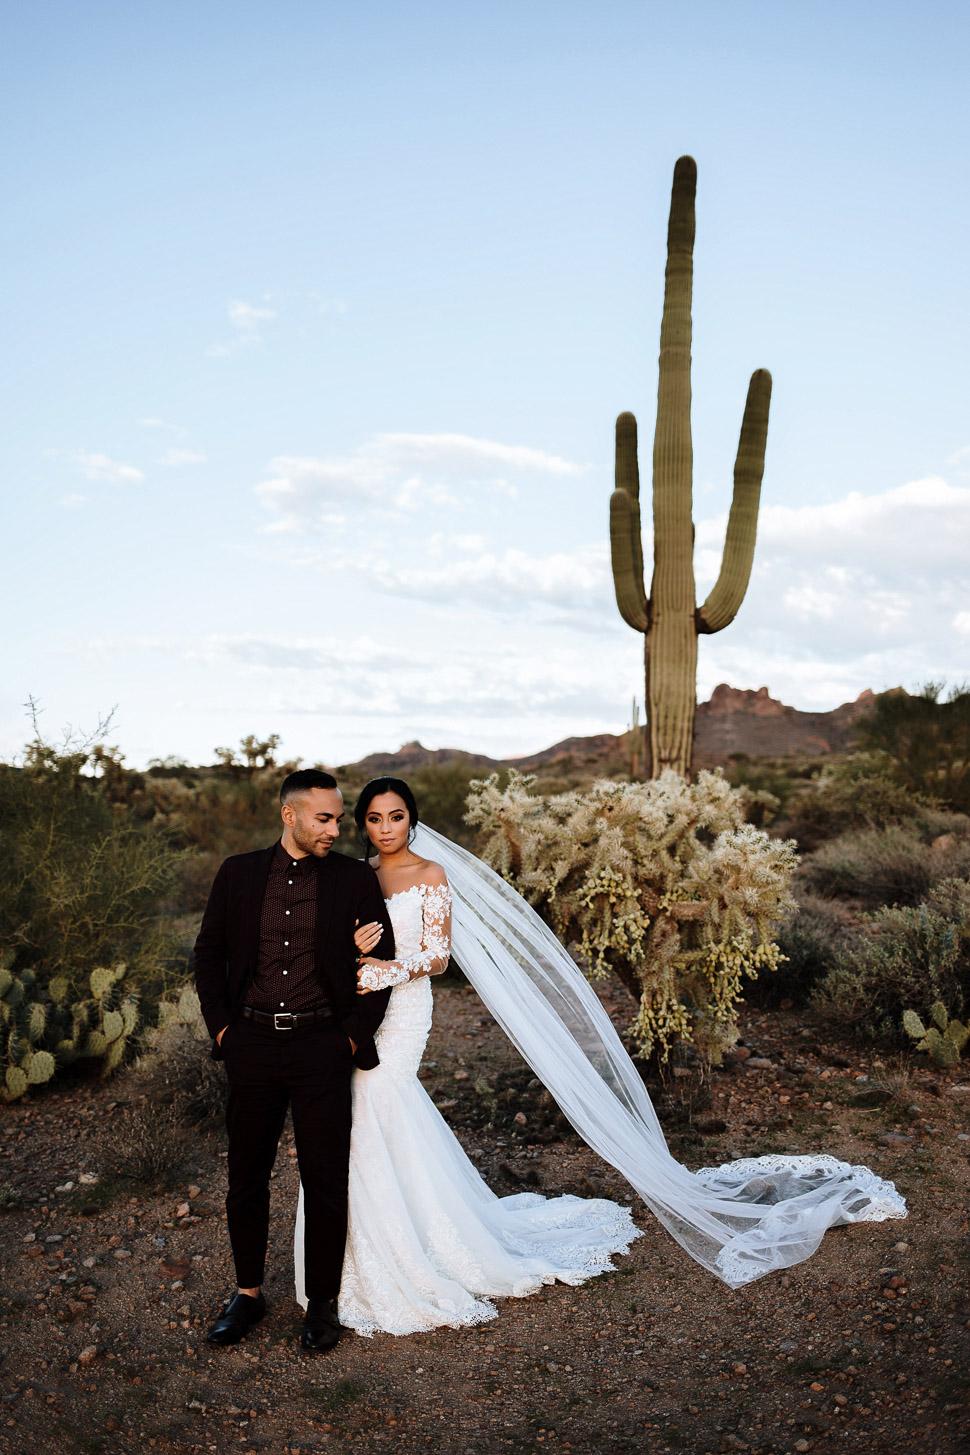 vestuviu-fotografas-plepys-sa-29